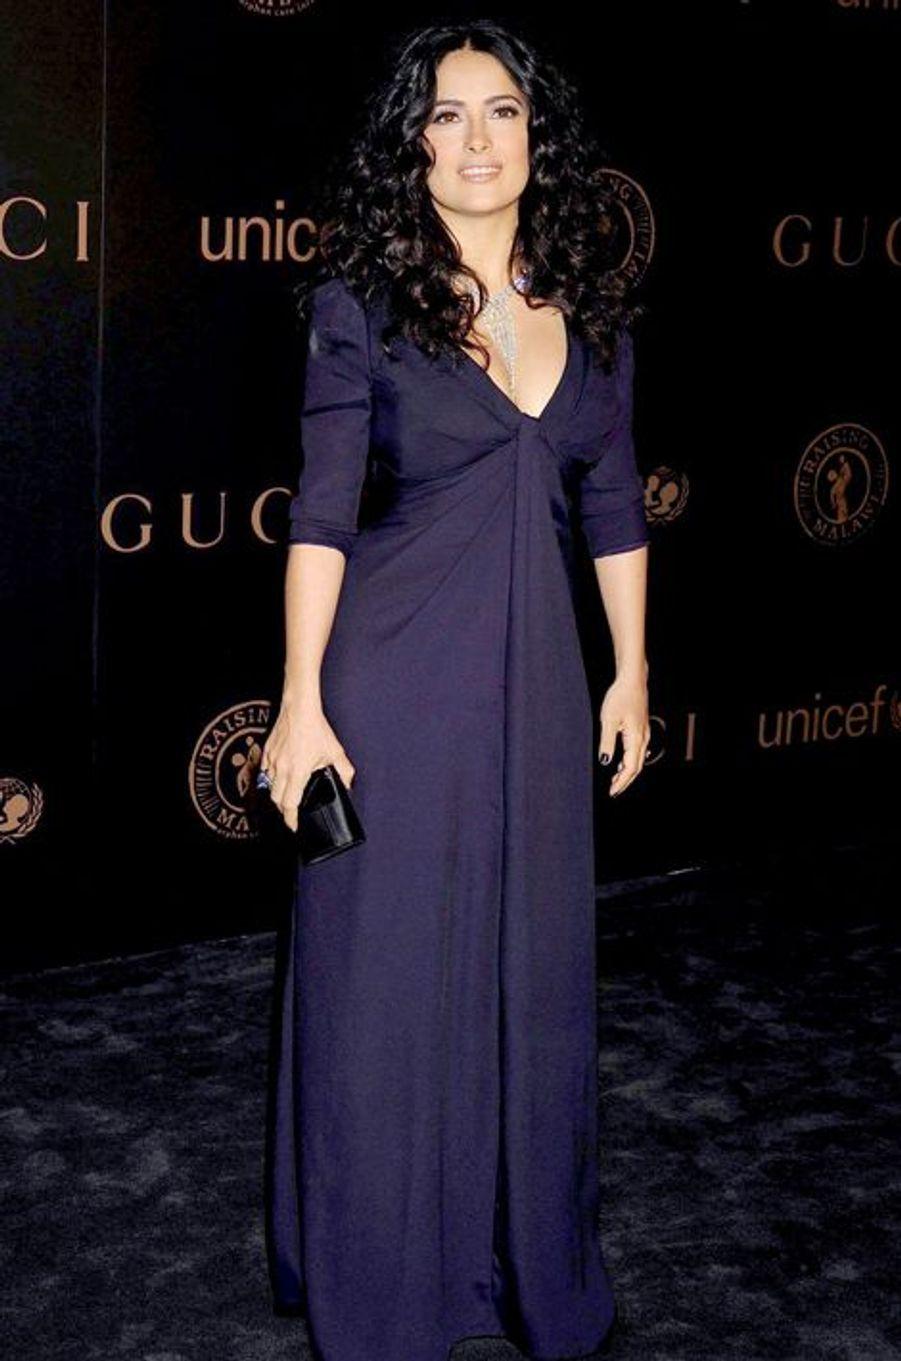 Salma Hayek en Gucci à une soirée de charité, en février 2008